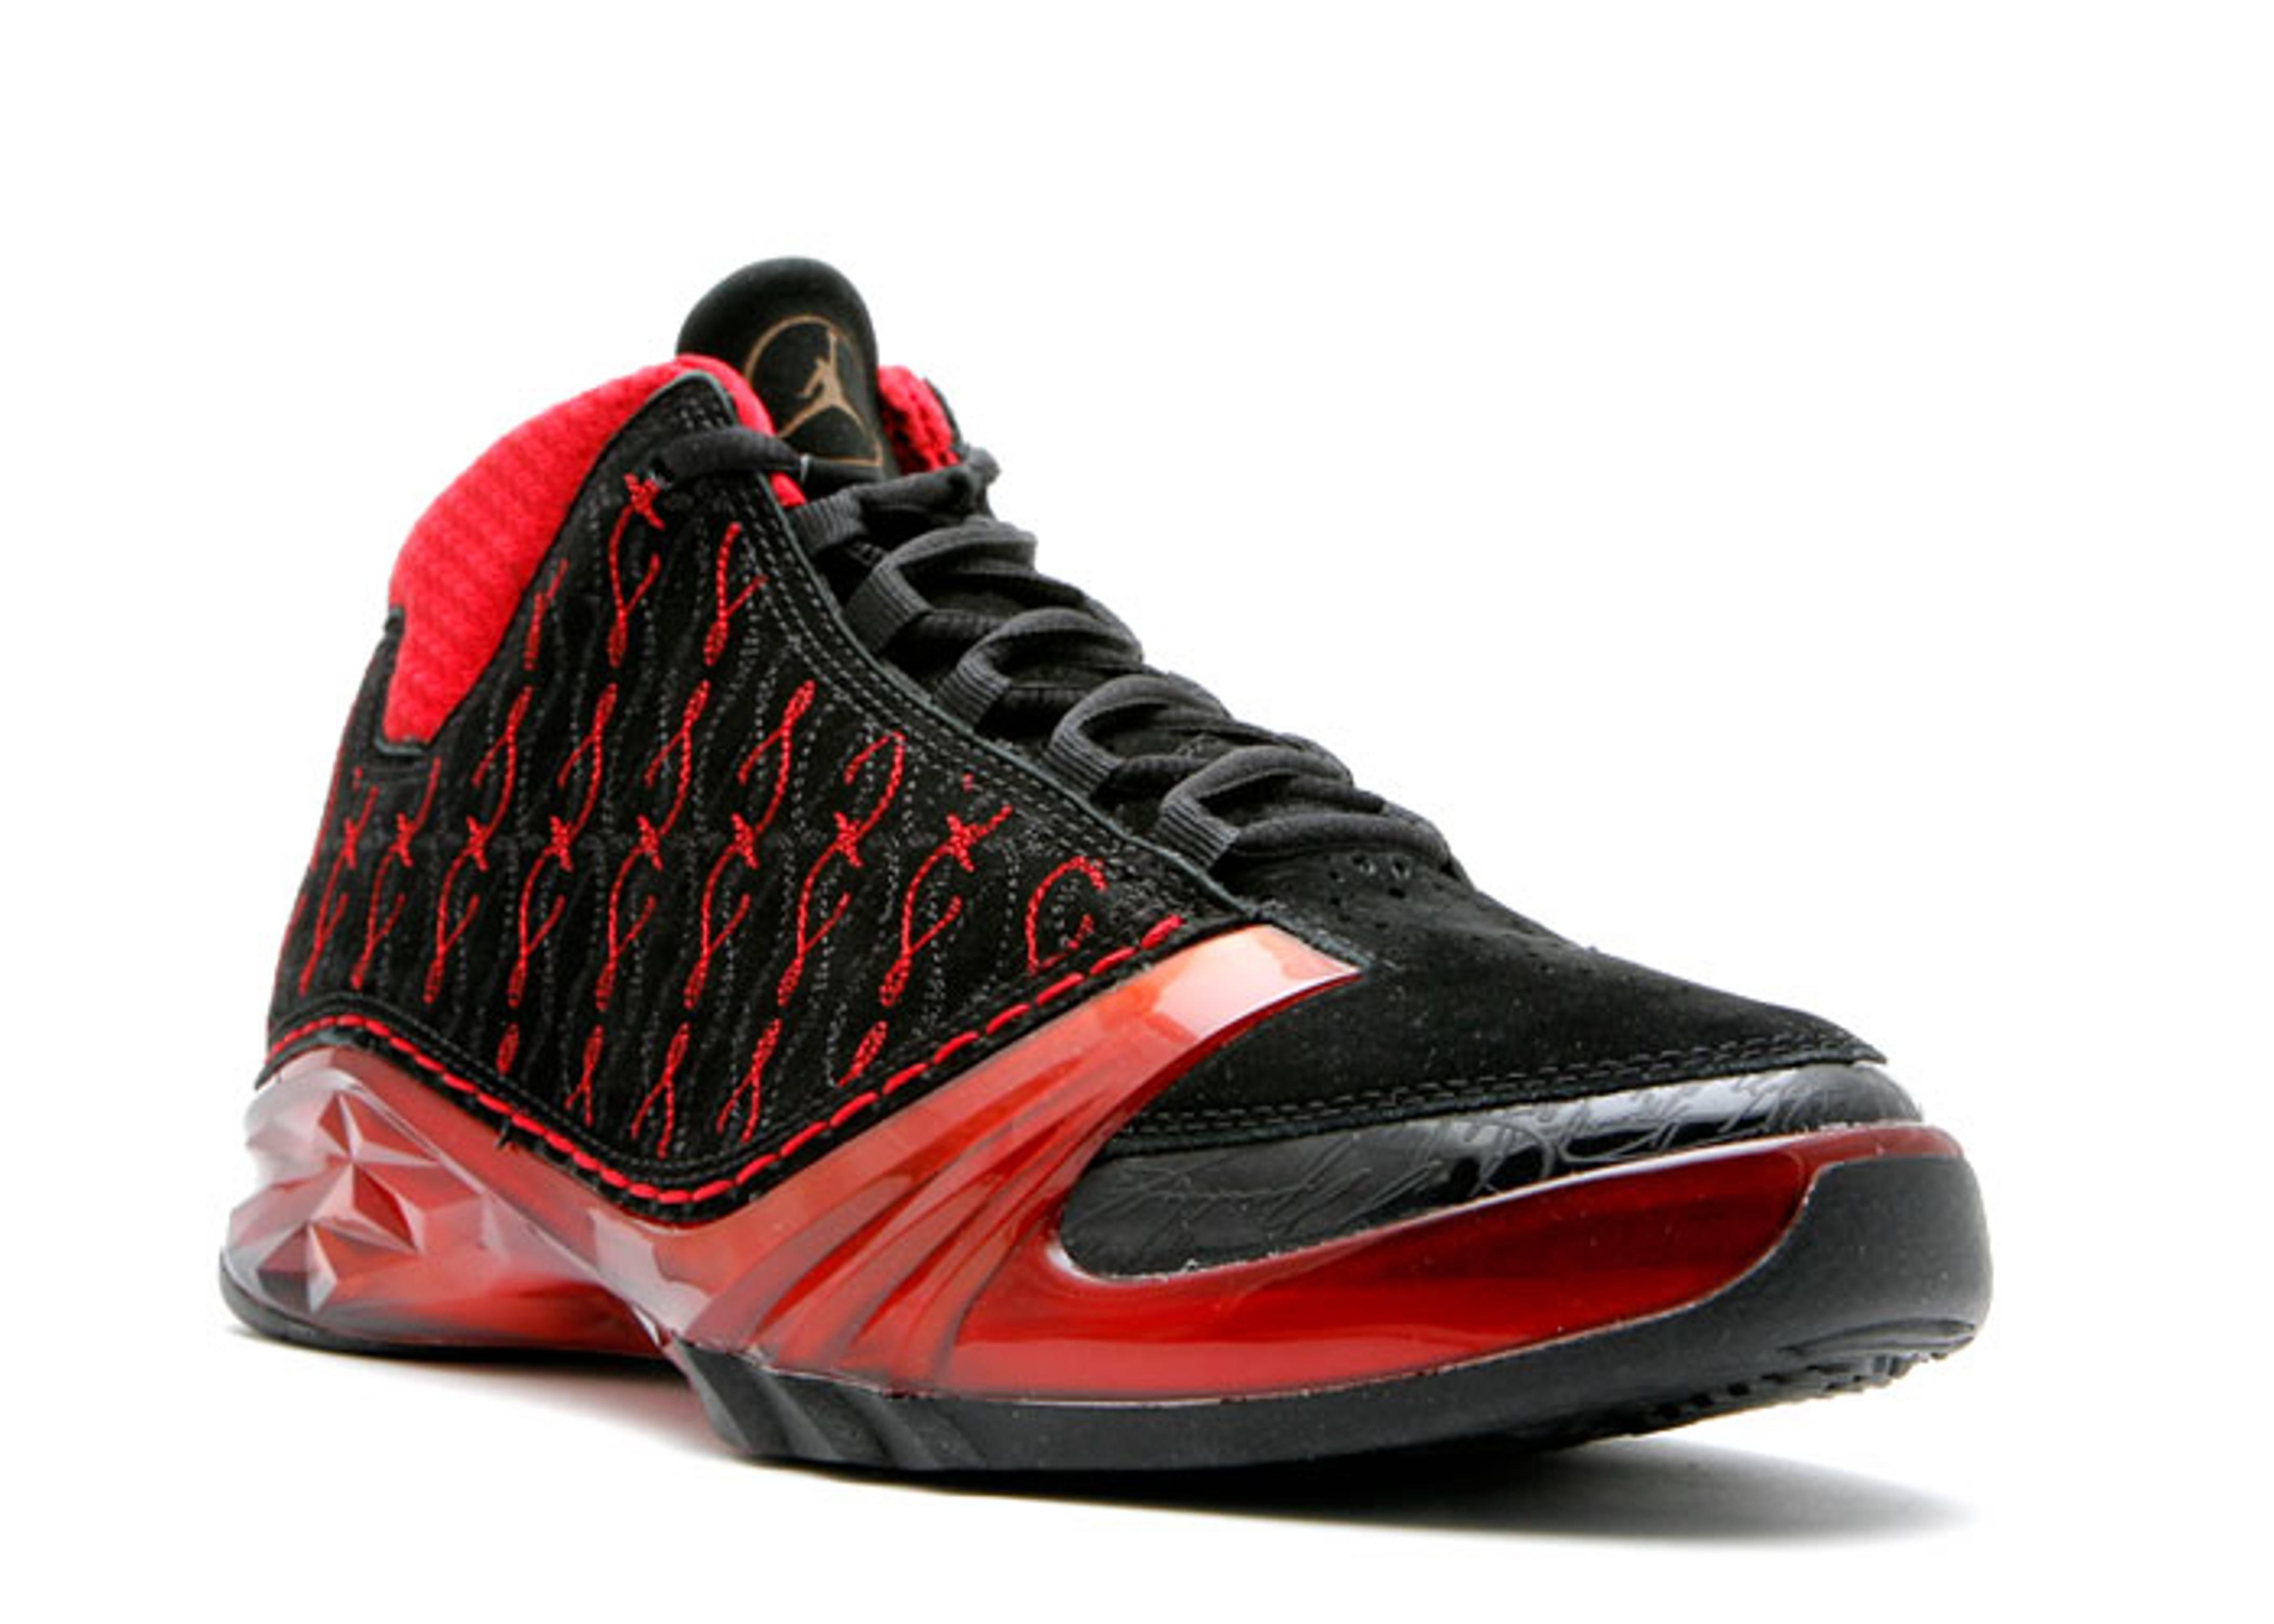 air jordan 23 premier black red